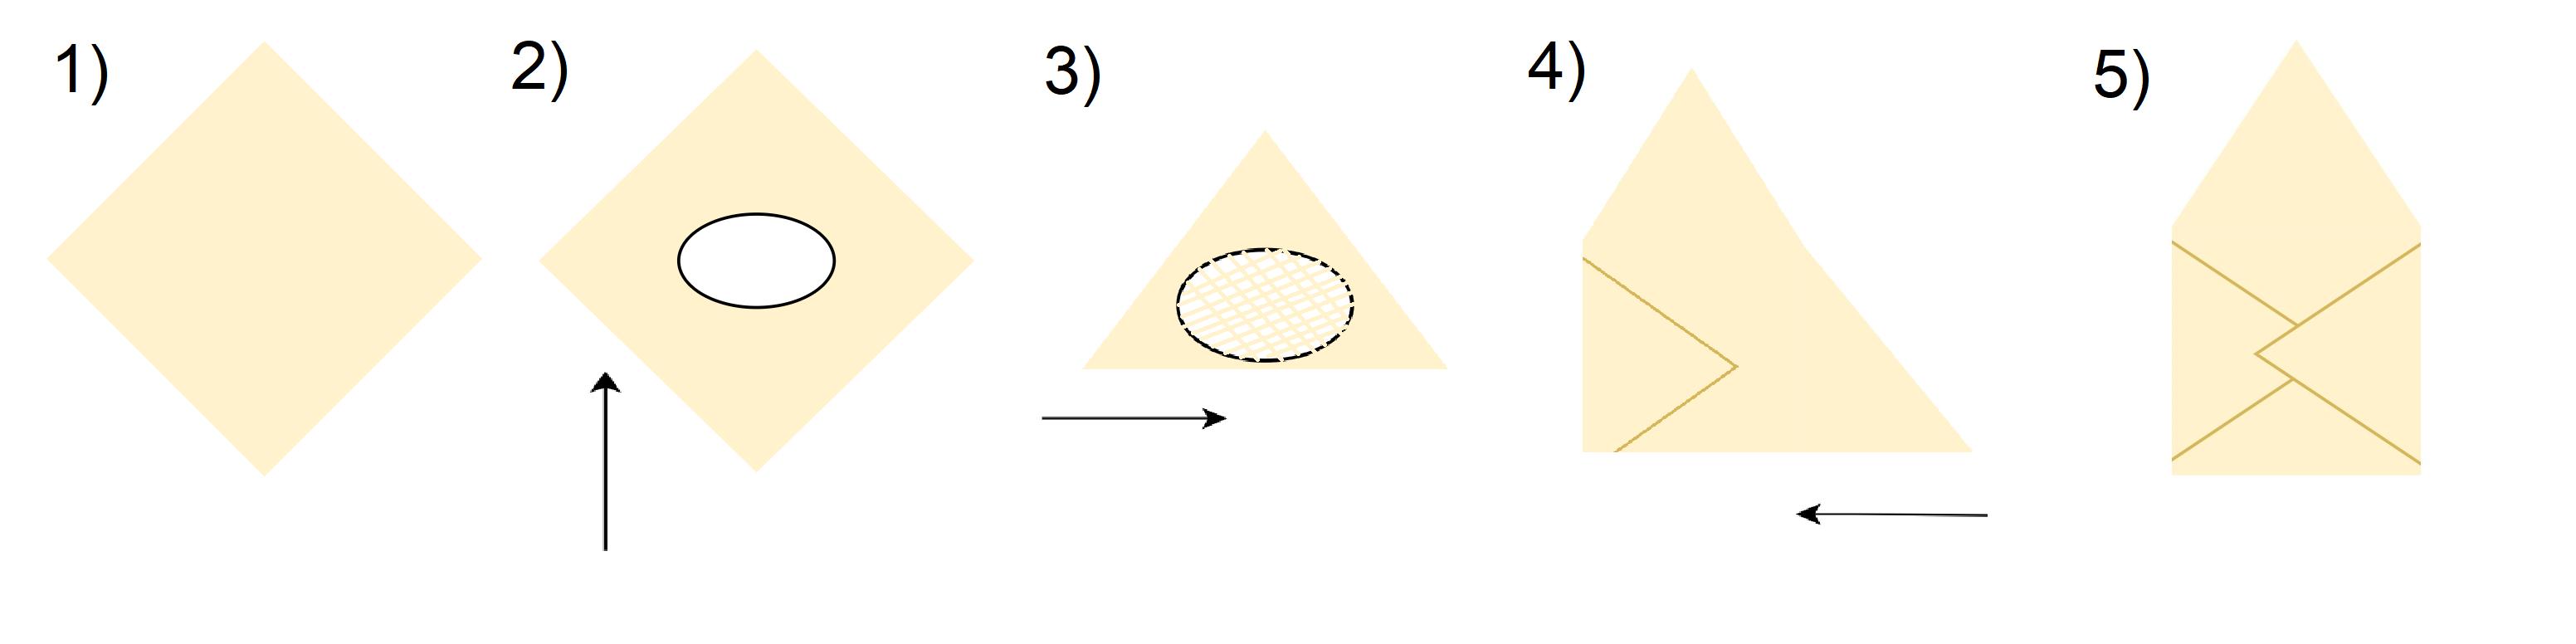 Faltanleitung für Tortellini